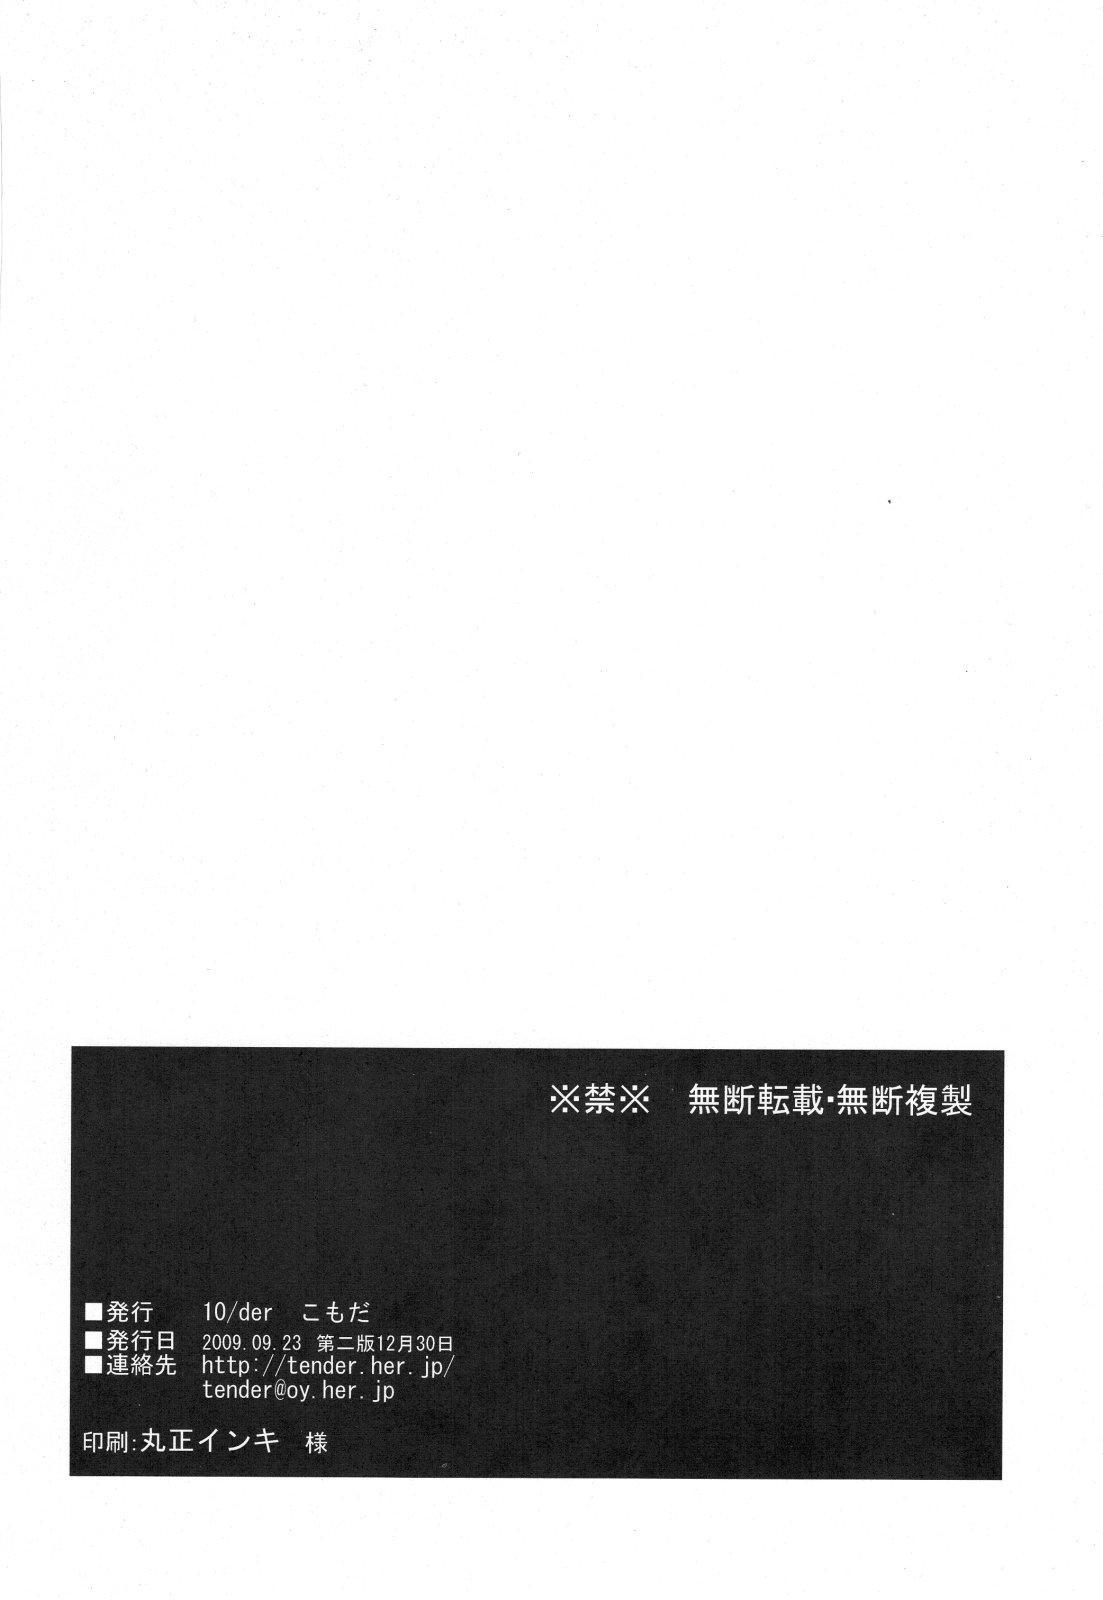 Furudo Erika Wa Kono Teido No Kaikan De Zecchou Ga Kanou Desu | For Furudo Erika at this level of pleasure climaxing is possible 15